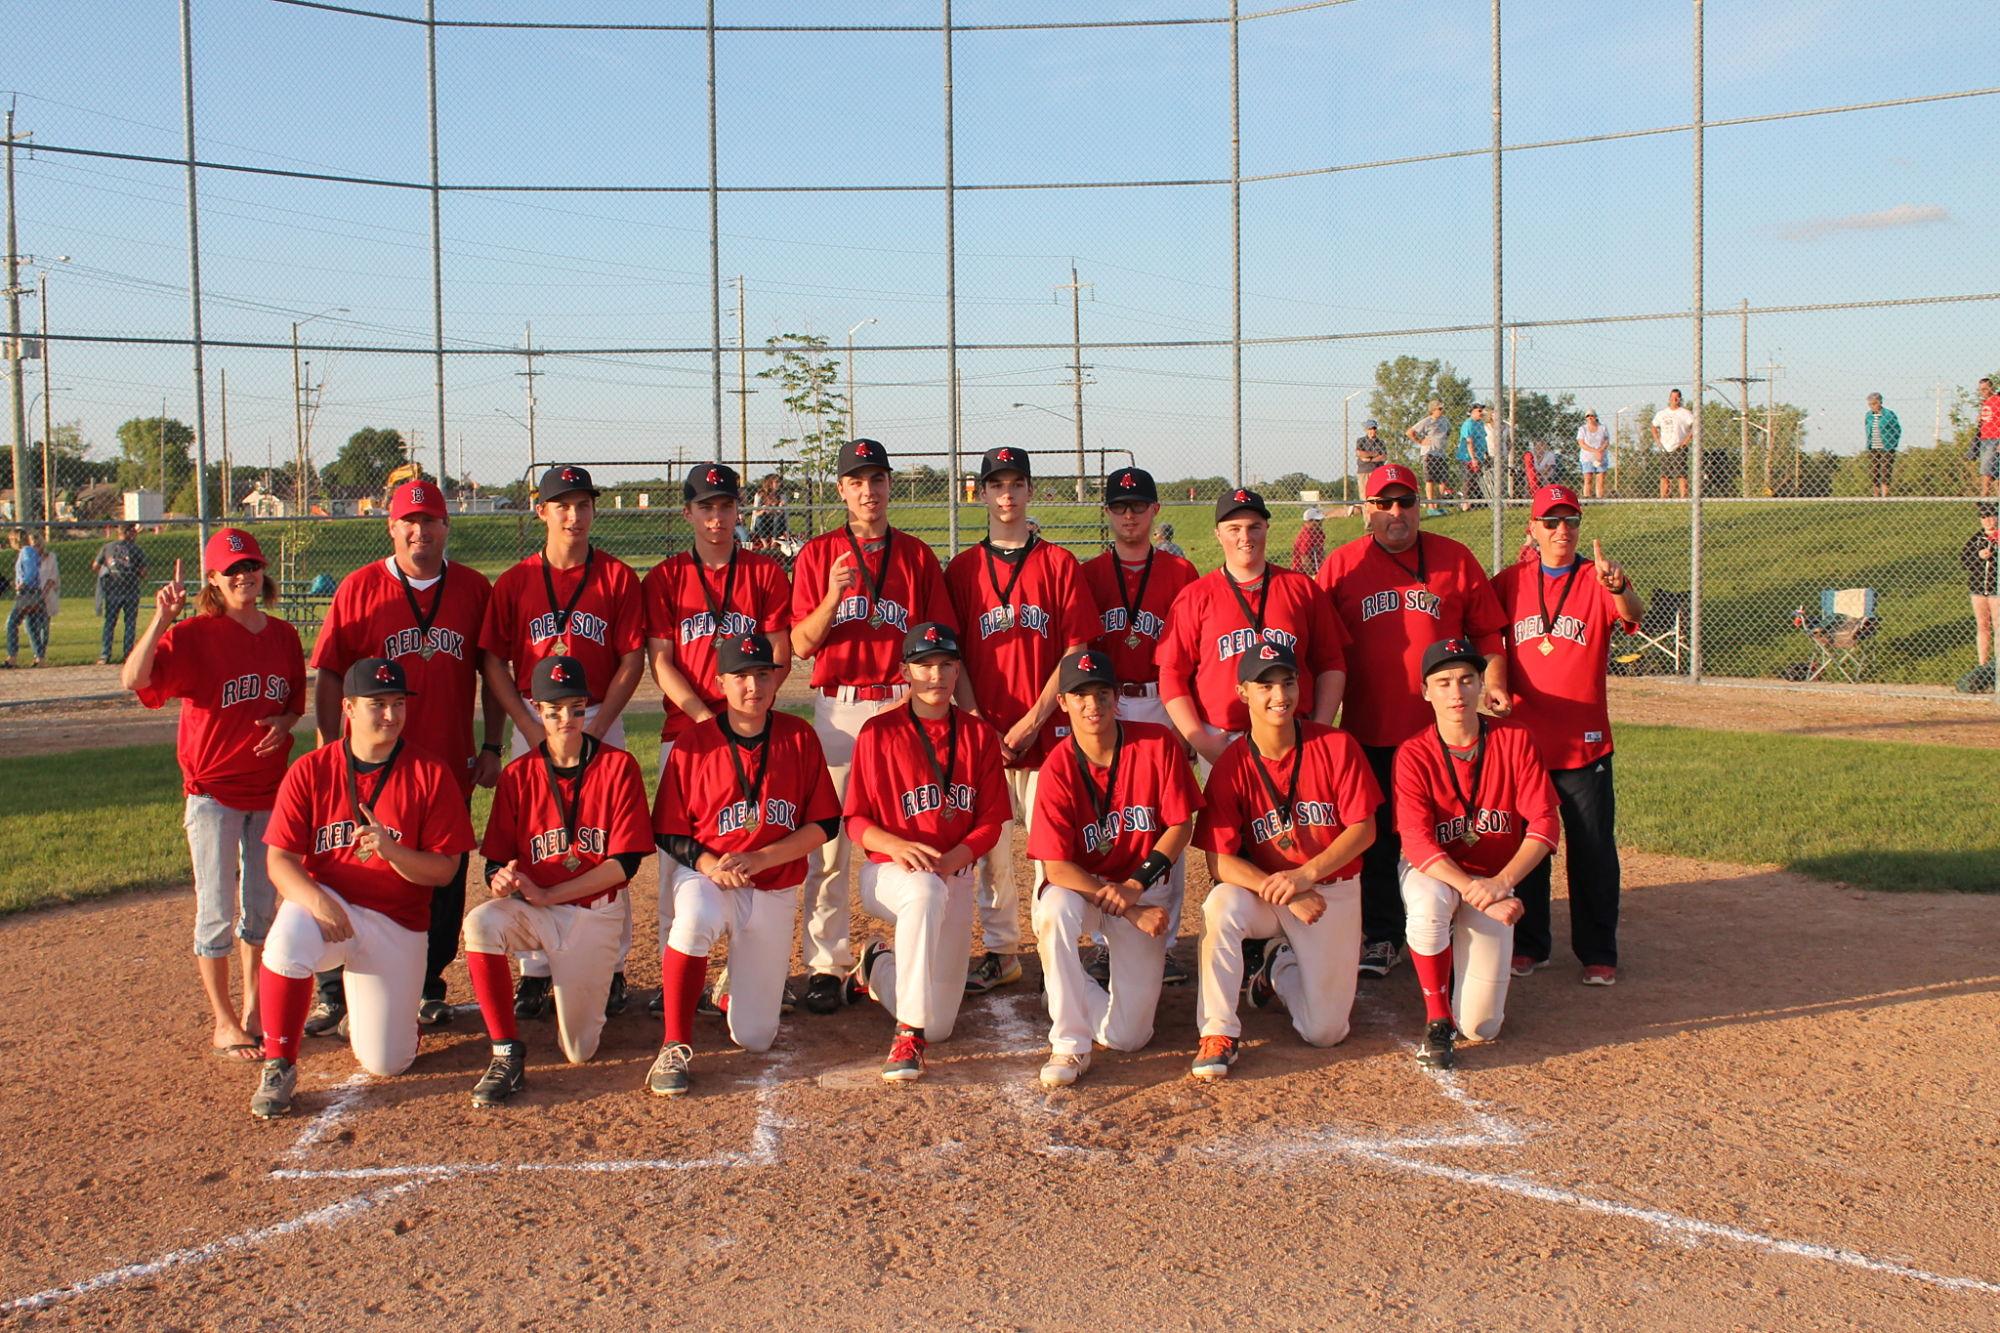 Bonivital Minor Baseball Association - Winnipeg, Manitoba